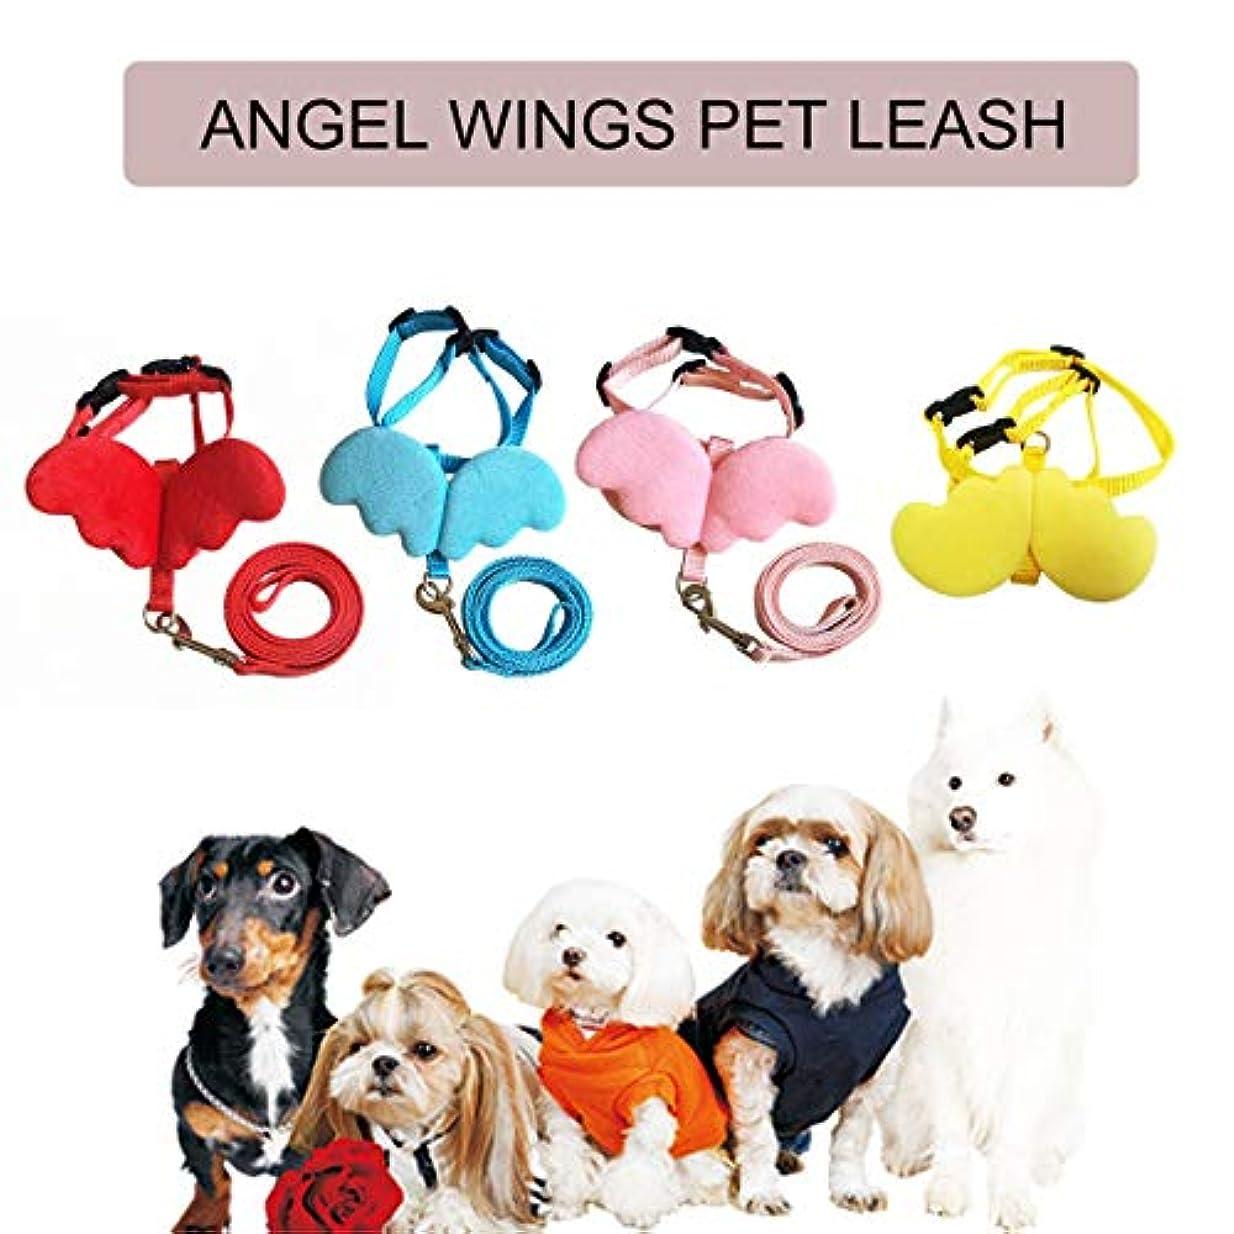 分布蒸天国Cute Pet Dog Leashes Collars Set for Small Pet Adjustable Dog Harness with Angel Wings Nylon Strap Pet Accessories